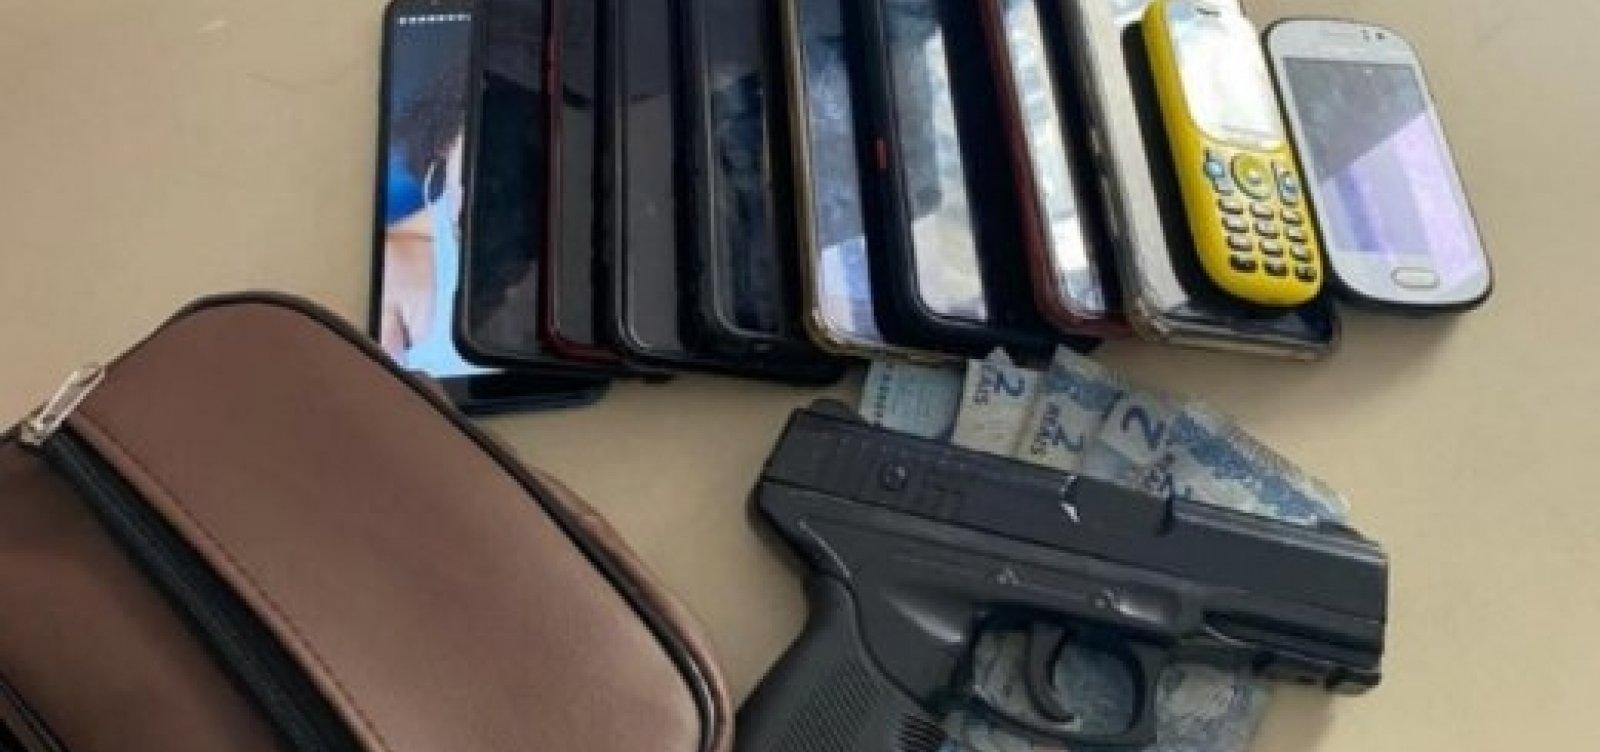 Dois homens são presos após assaltarem ônibus no Comércio e levarem 11 celulares